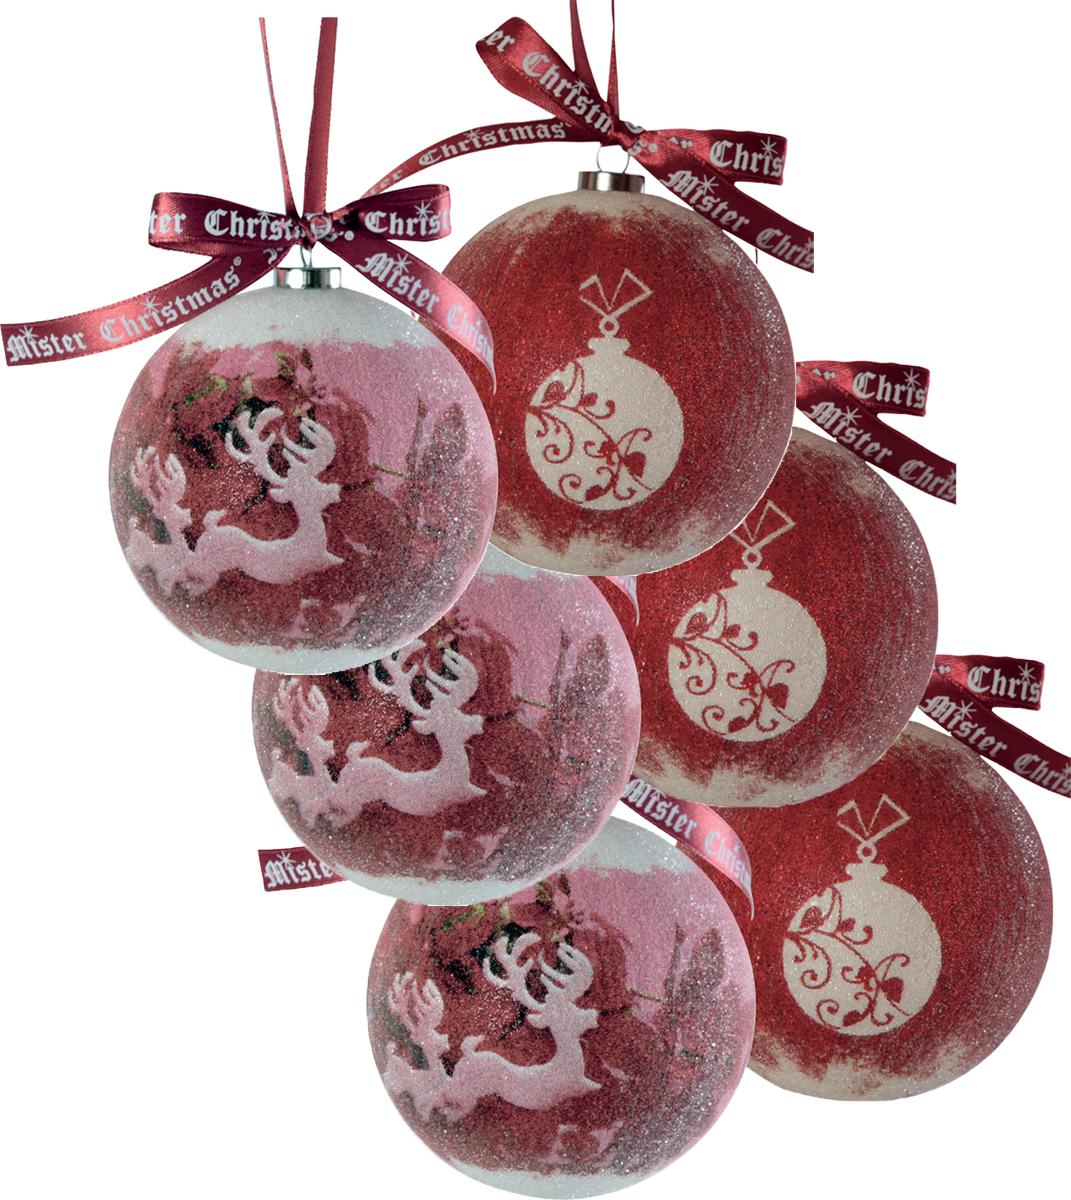 Набор новогодних подвесных украшений Mister Christmas Папье-маше, диаметр 7,5 см, 6 шт. PM-19-6TPM-19-6TНабор из 6 подвесных украшений Mister Christmas Папье-маше прекрасно подойдет для праздничного декора новогодней ели. Изделия, выполненные из бумаги и покрытые несколькими слоями лака, очень прочные и легкие. Такие шары создадут единый стиль в оформлении не только ели, но и интерьера вашего дома. В наборе игрушки имеют глянцевую поверхность и покрытые мелкой пластиковой крошкой. Все изделия оснащены атласной ленточкой с логотипом бренда Mister Christmas для подвешивания. Такие украшения станут превосходным подарком к Новому году, а также дополнят коллекцию оригинальных новогодних елочных игрушек.